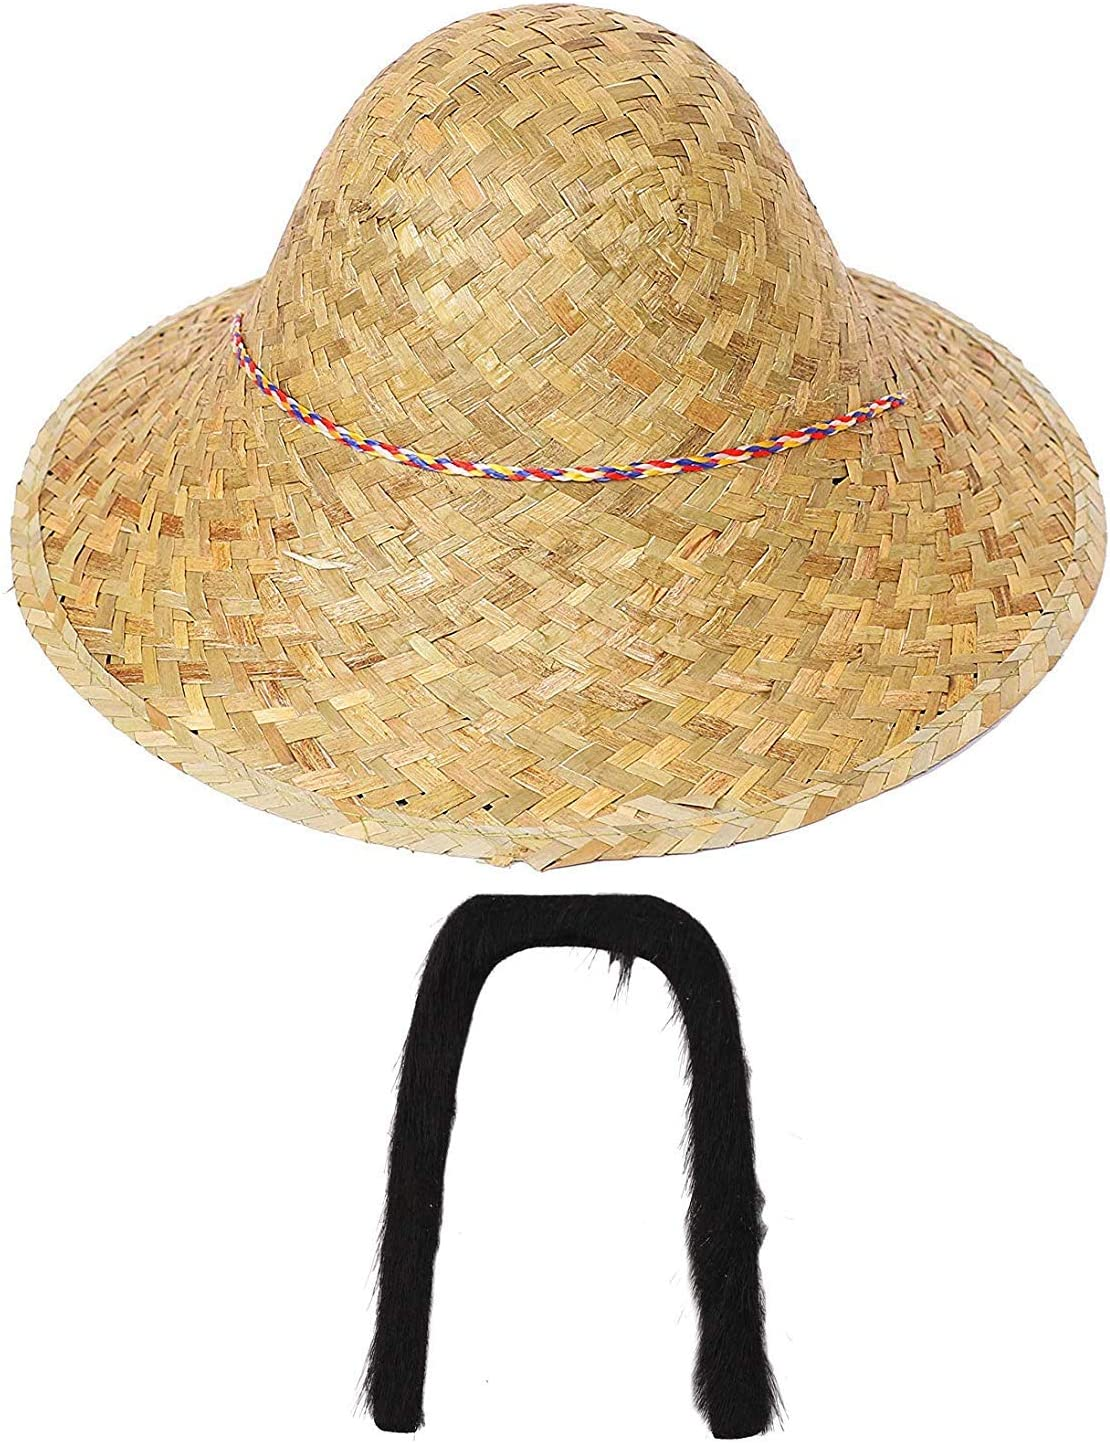 Confezione da 1 Cappello in Costume Cappello di Paglia Asiatico Uomo Cinese I LOVE FANCY DRESS LTD Cappello Orientale Cinese